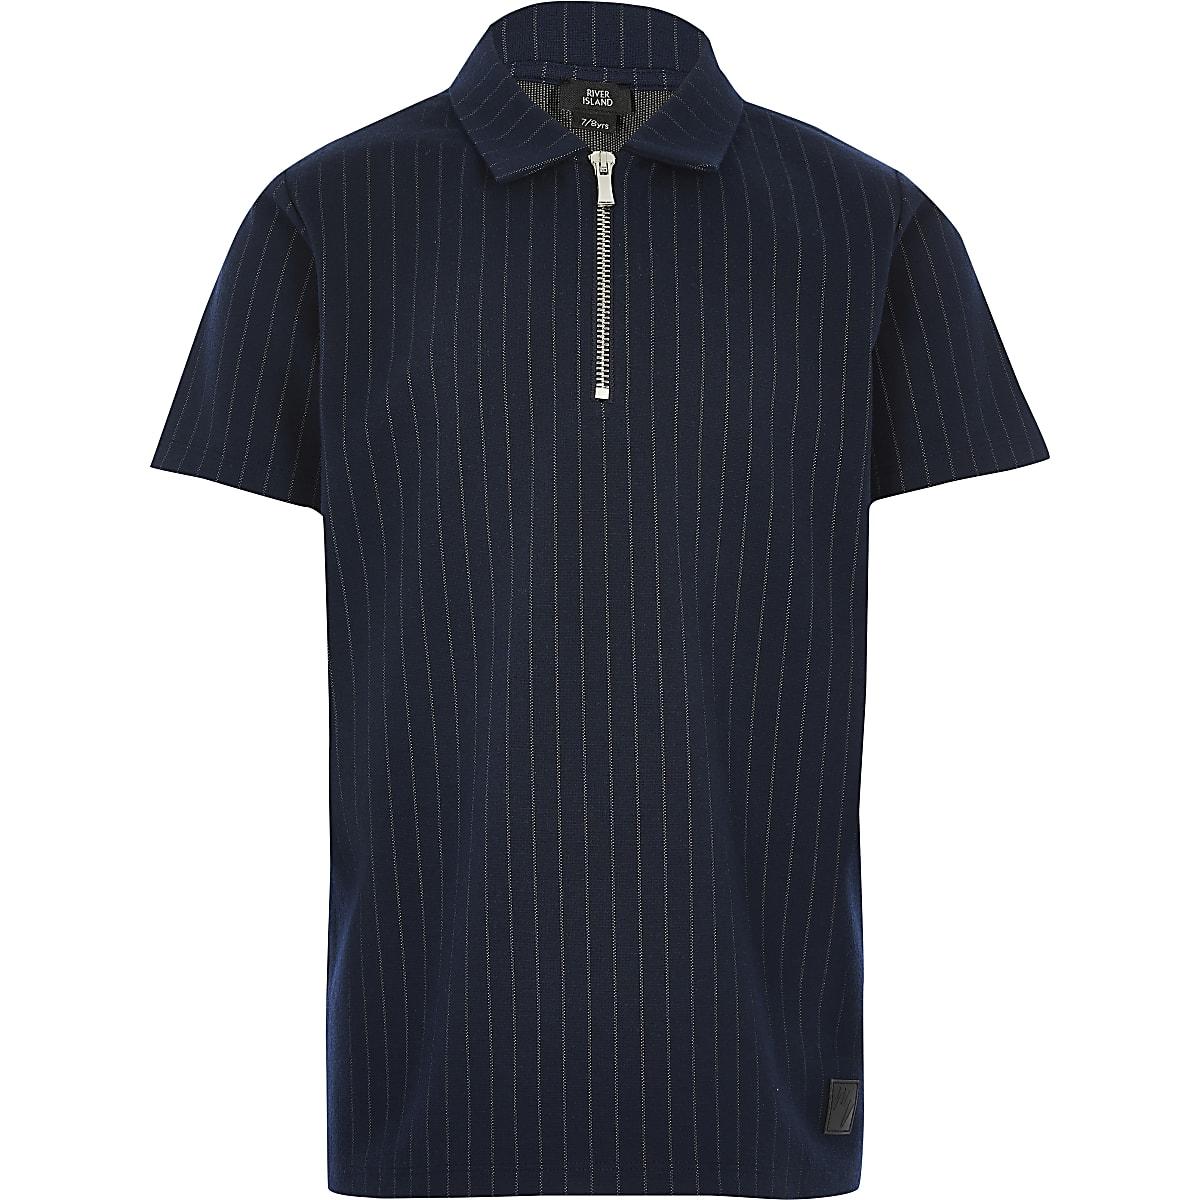 Marineblauw Poloshirt met rits en krijtstreep voor jongens